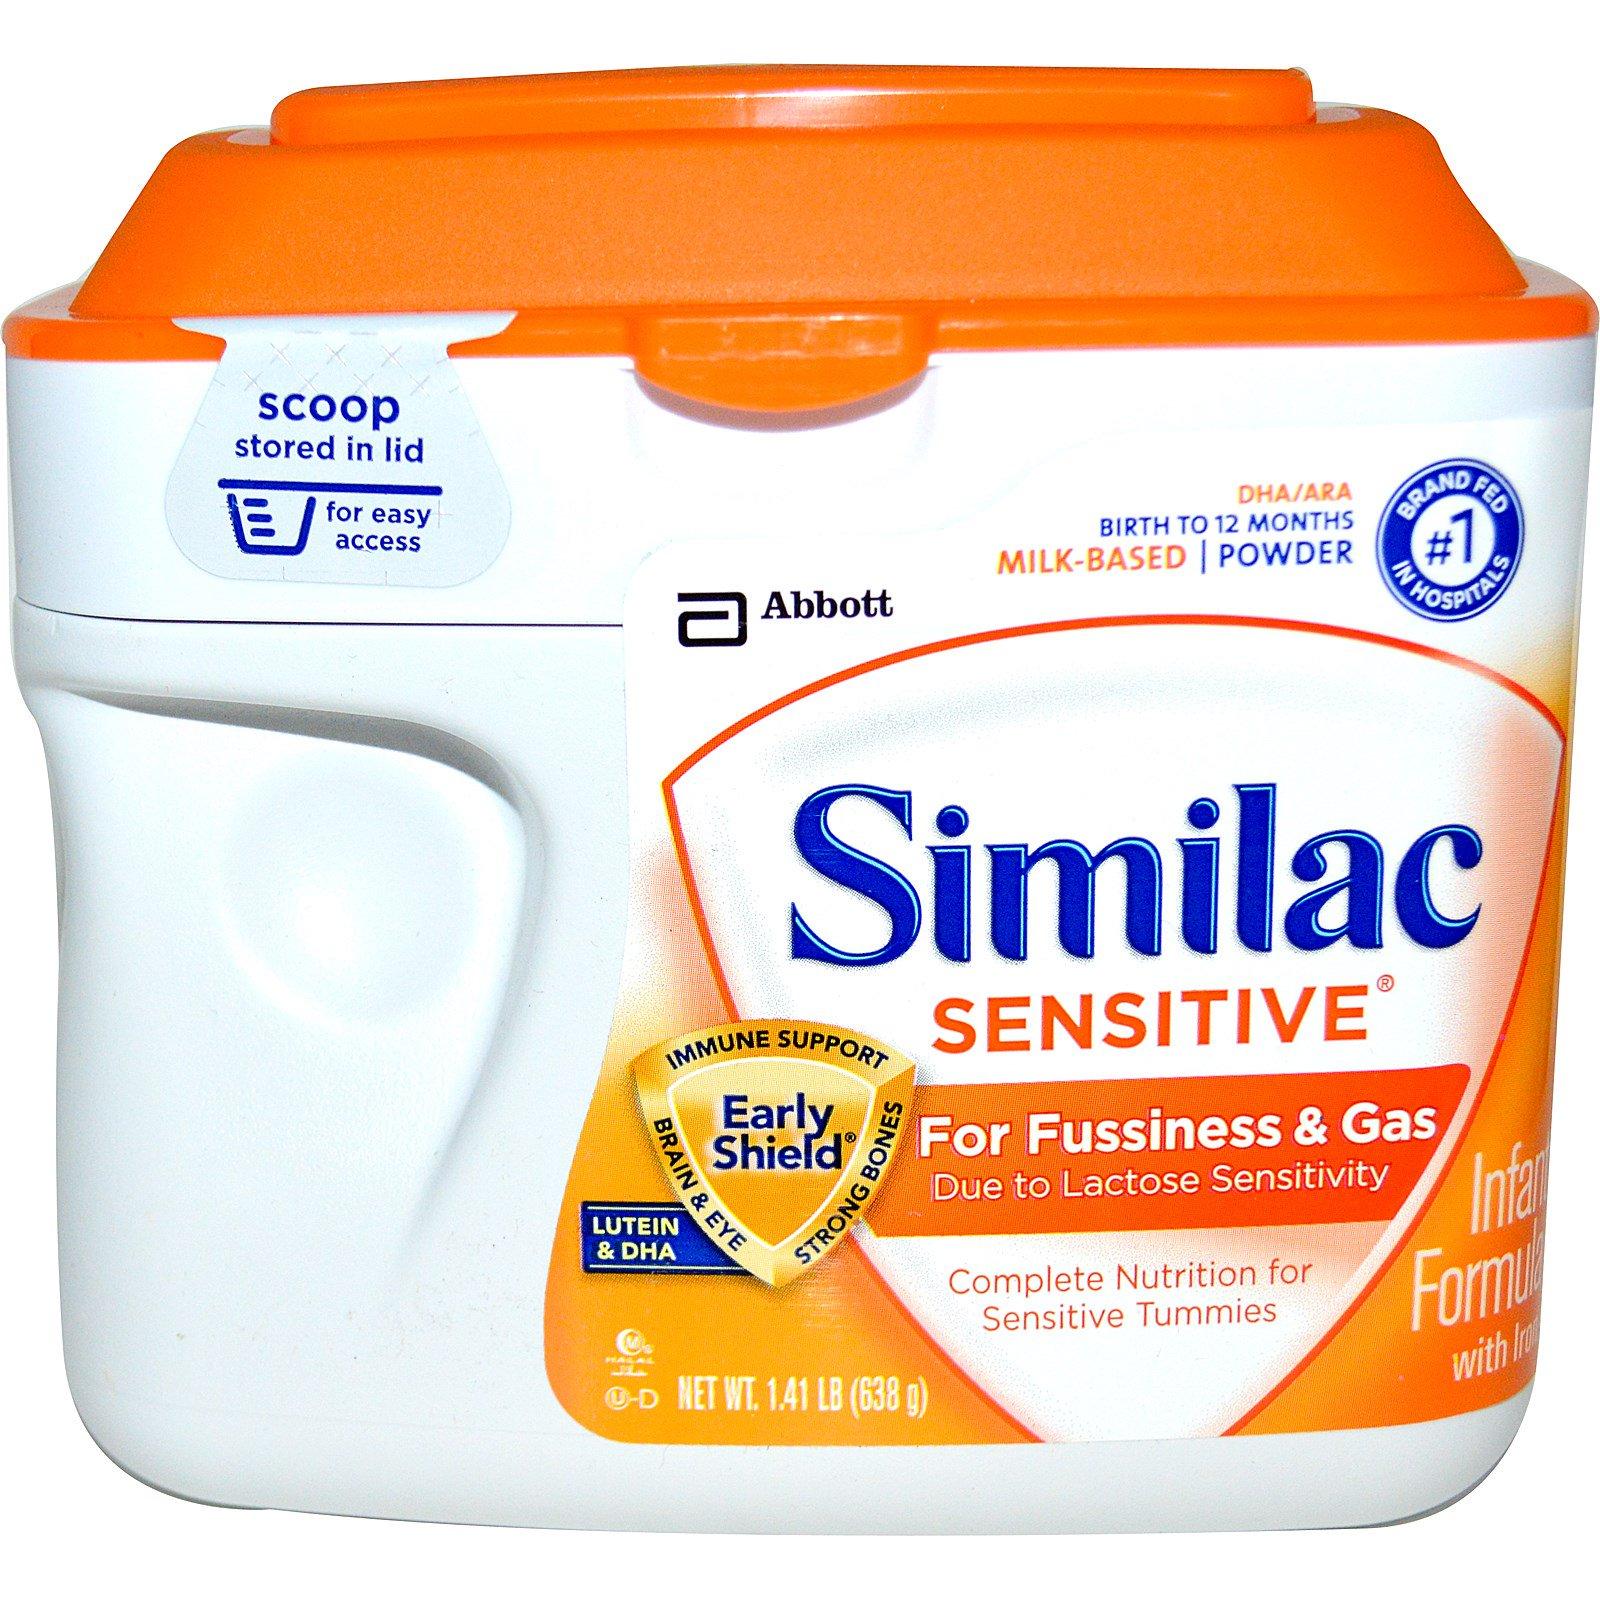 Similac senstive